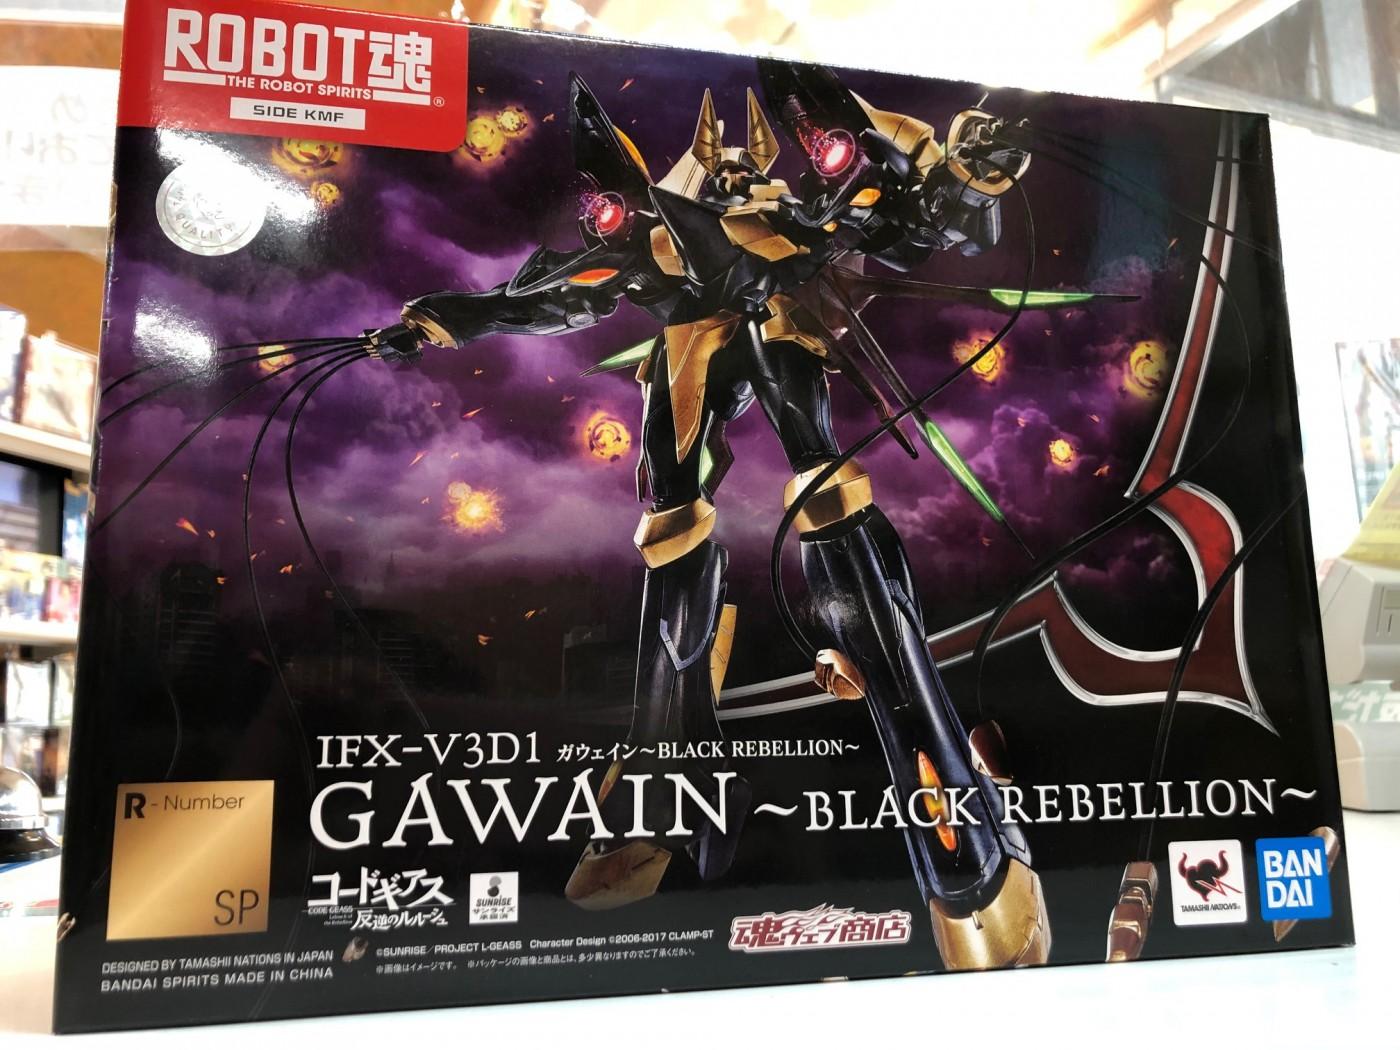 買取情報『バンダイROBOT魂のコードギアス 反逆のルルーシュ ガウェイン~BLACK REBELLION~』